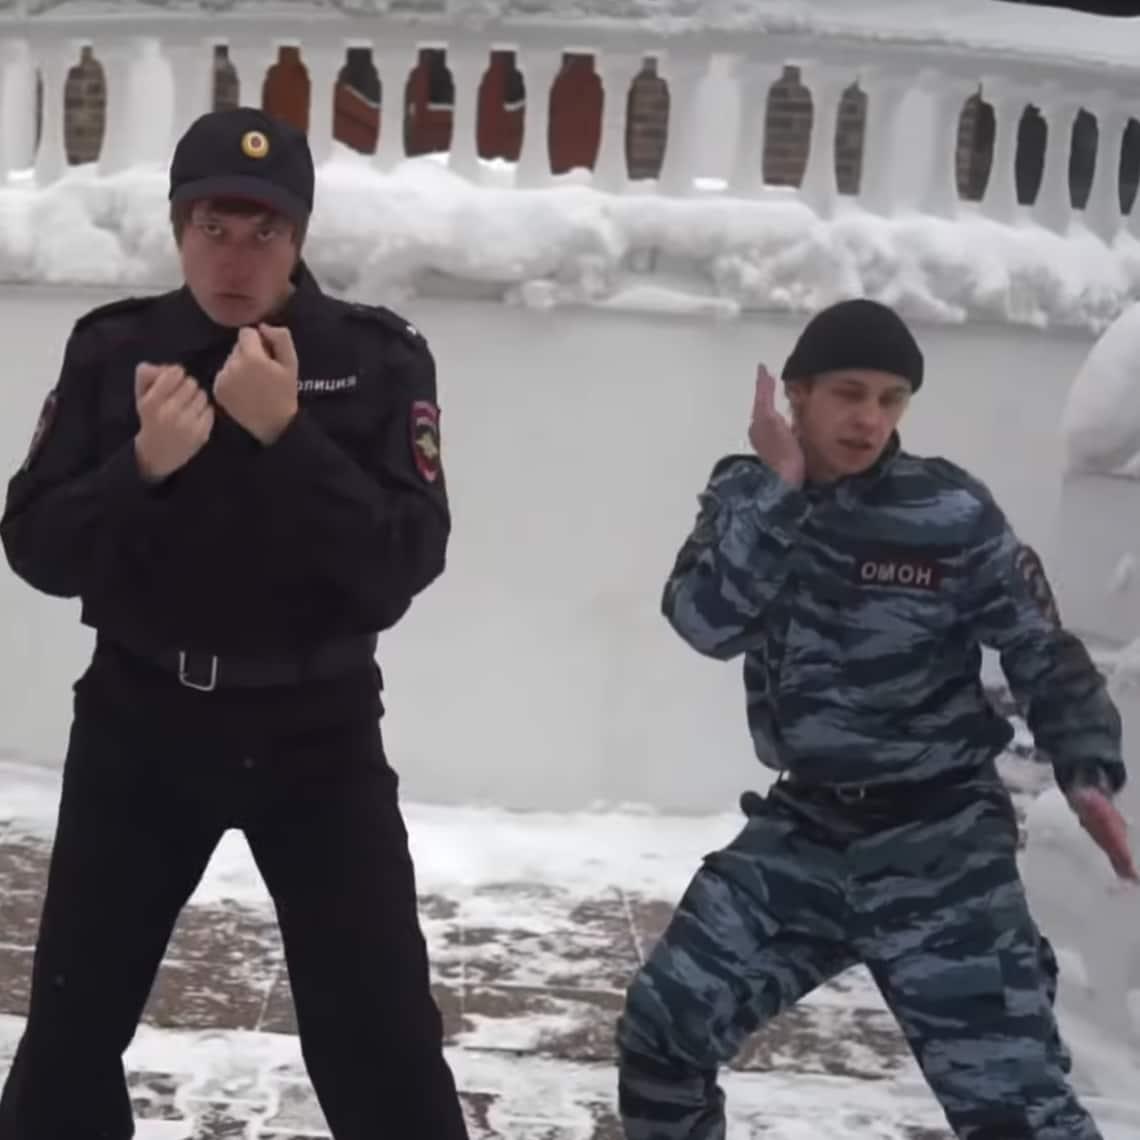 Russische Utopie: tanzende Polizisten, die keinen verhaften.